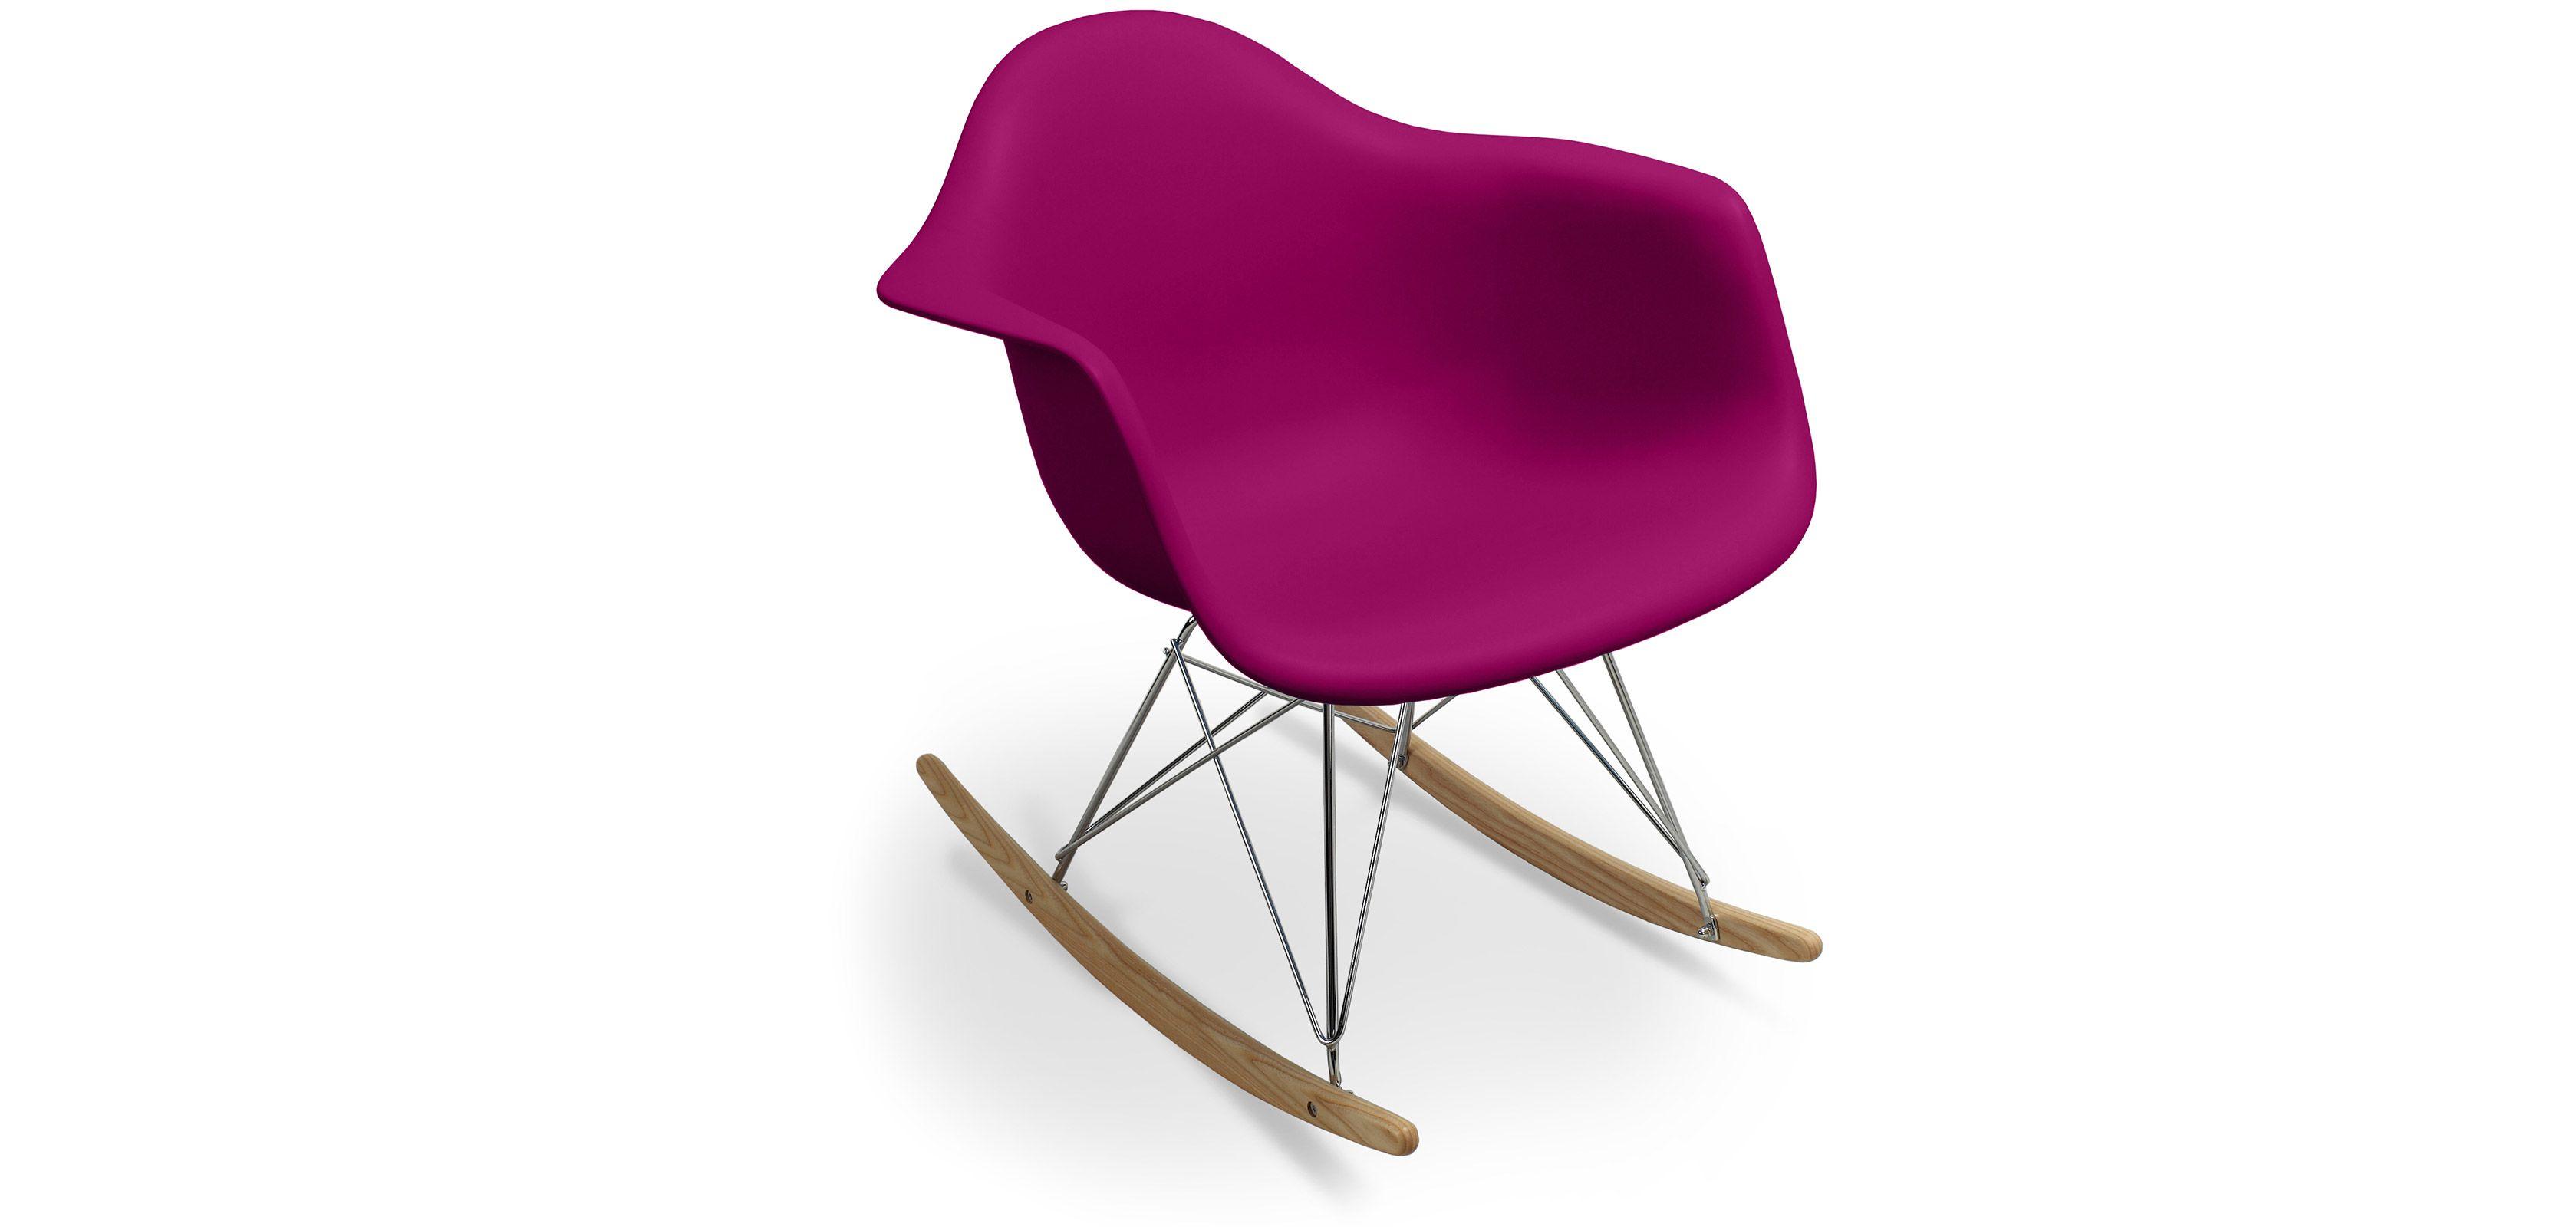 Chaise A Bascule Rar Charles Eames Style Polypropylene Matt Chaise A Bascule Eames Chaise A Bascule Eames